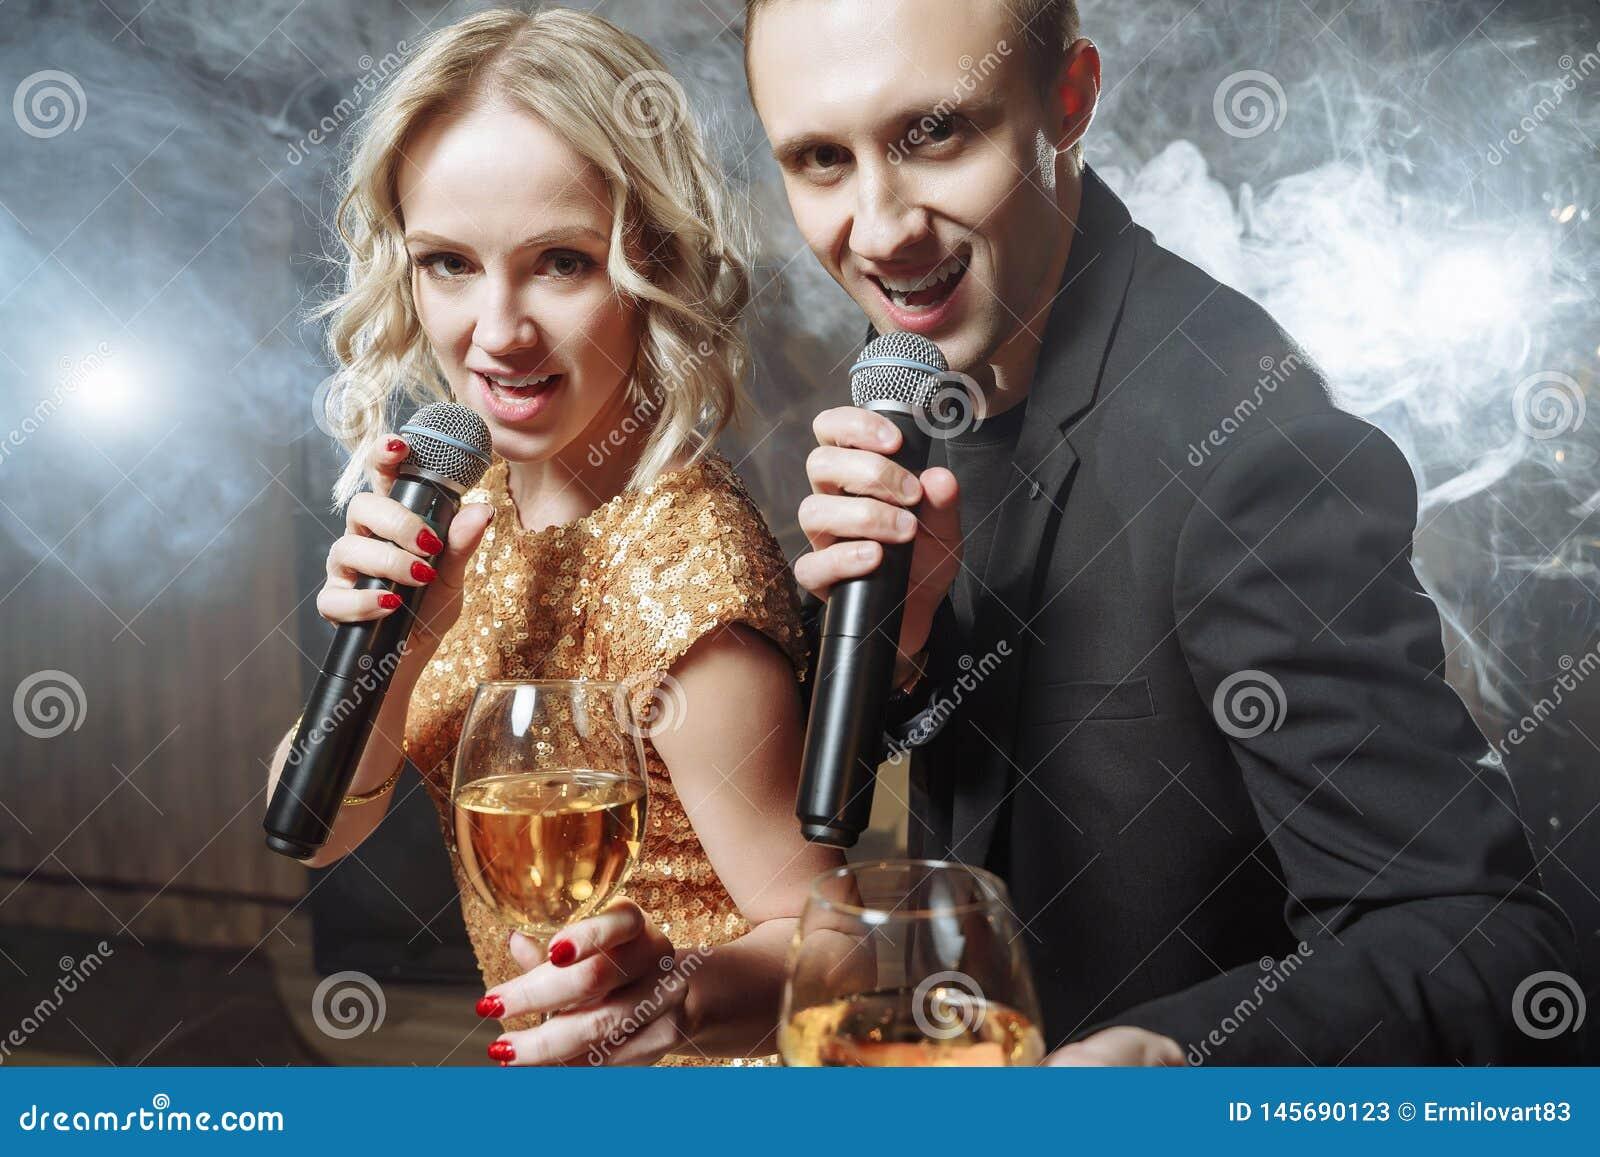 Portret van een gelukkig jong paar met microfoons en glazen in een karaokebar